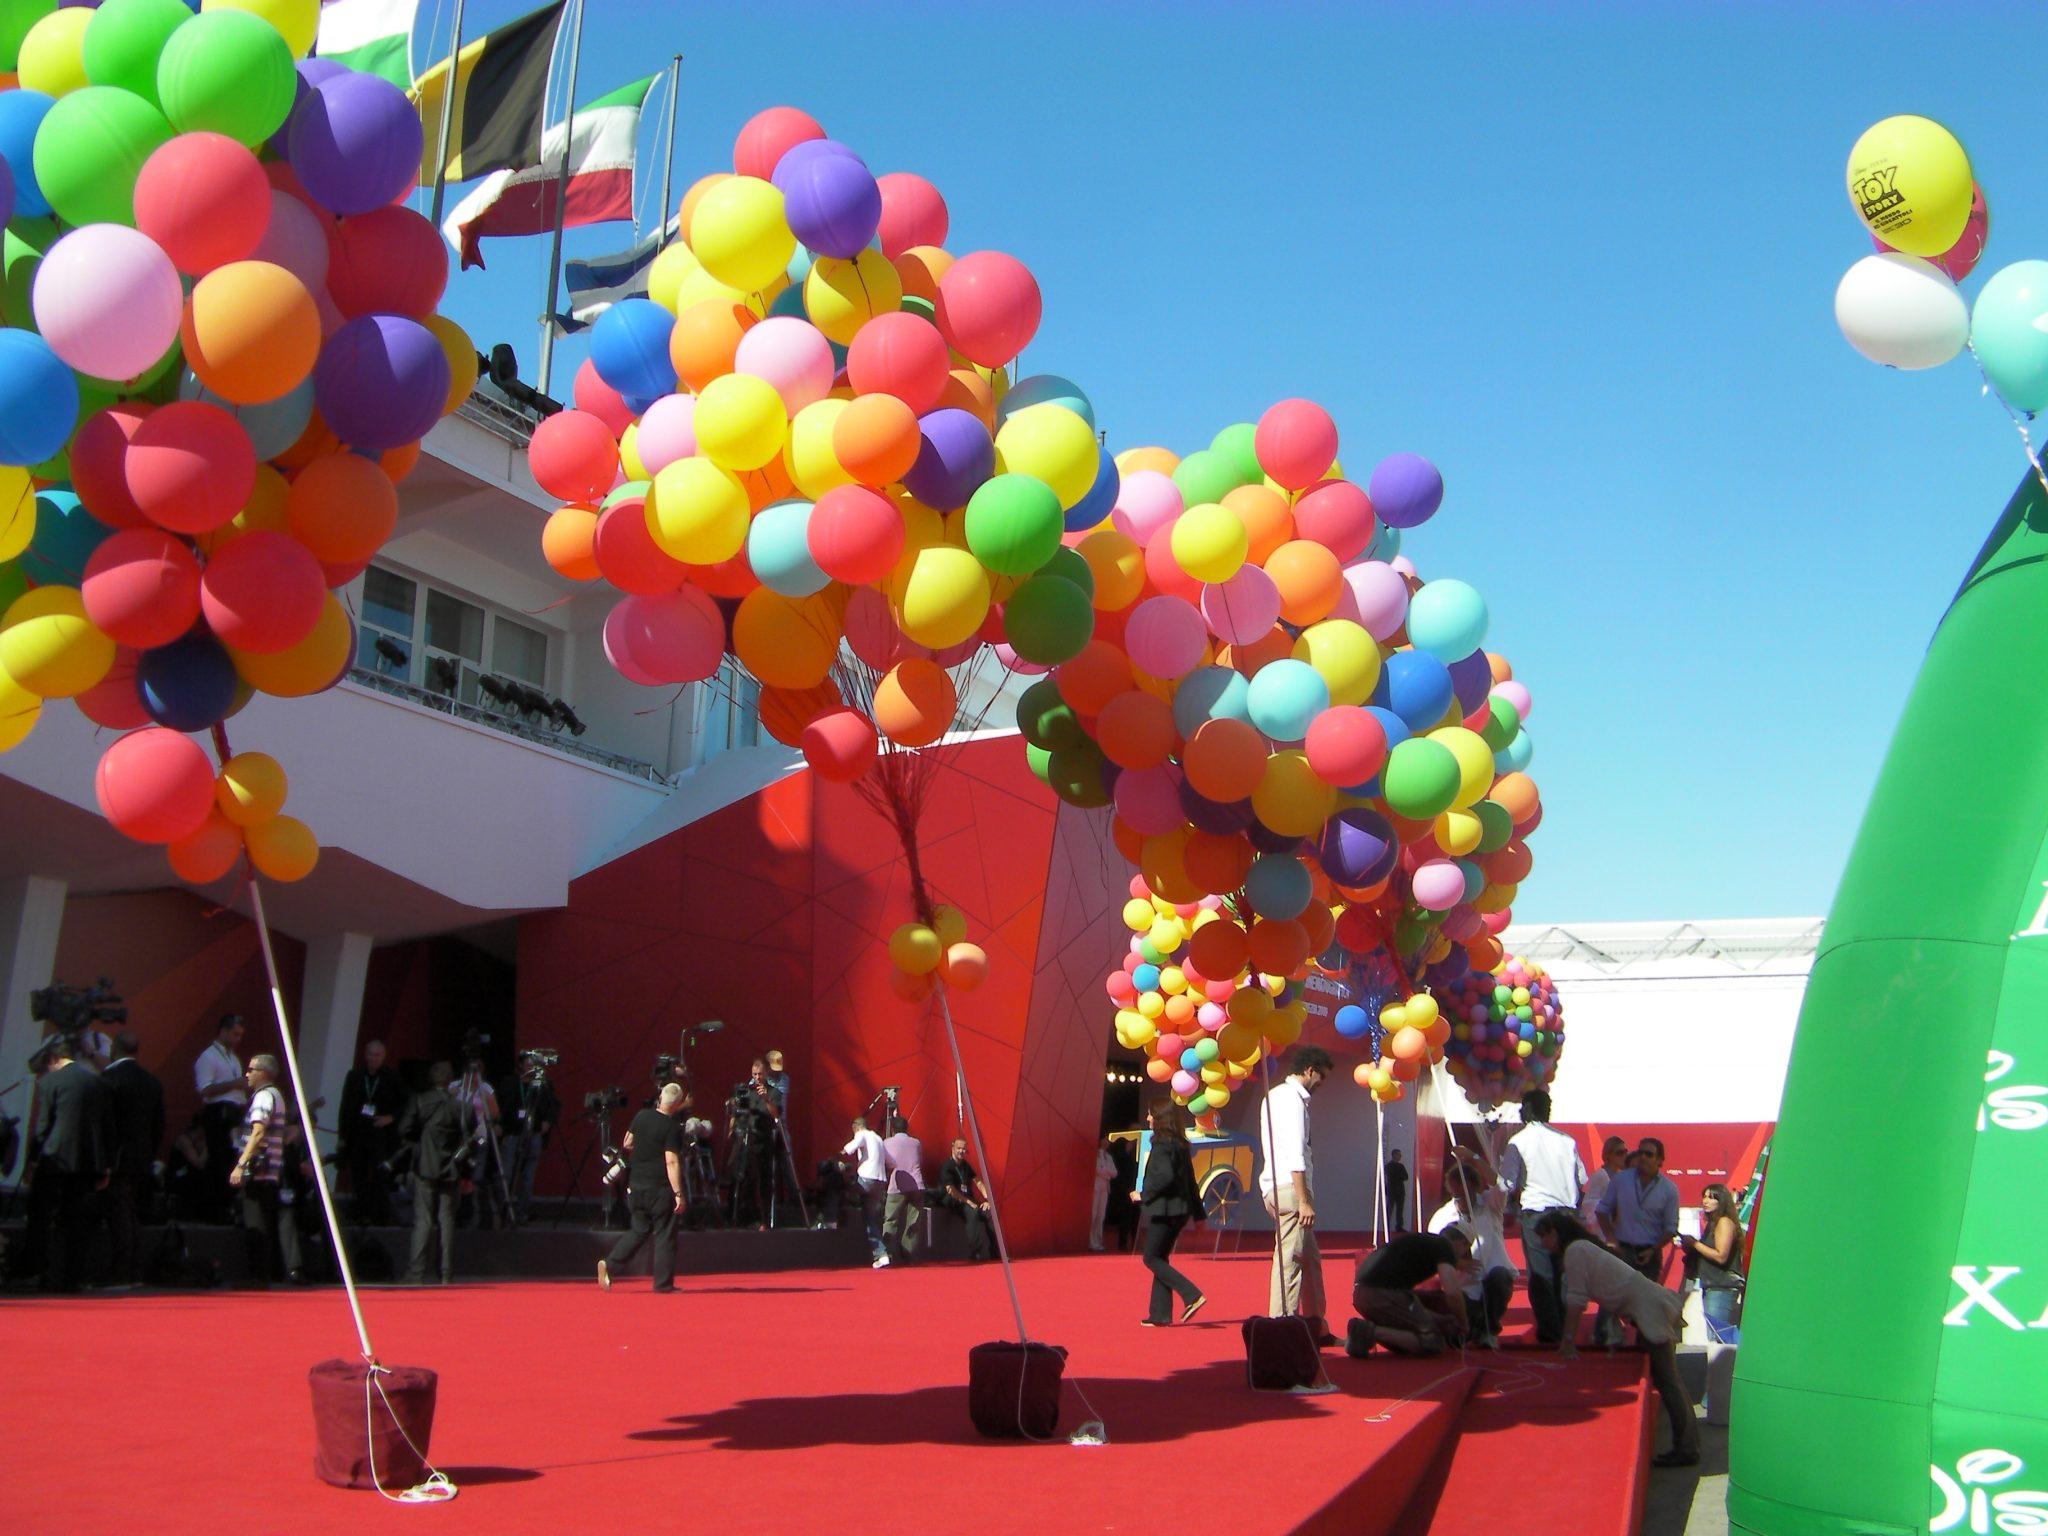 Per UP i palloncini di Partylandia a Venezia